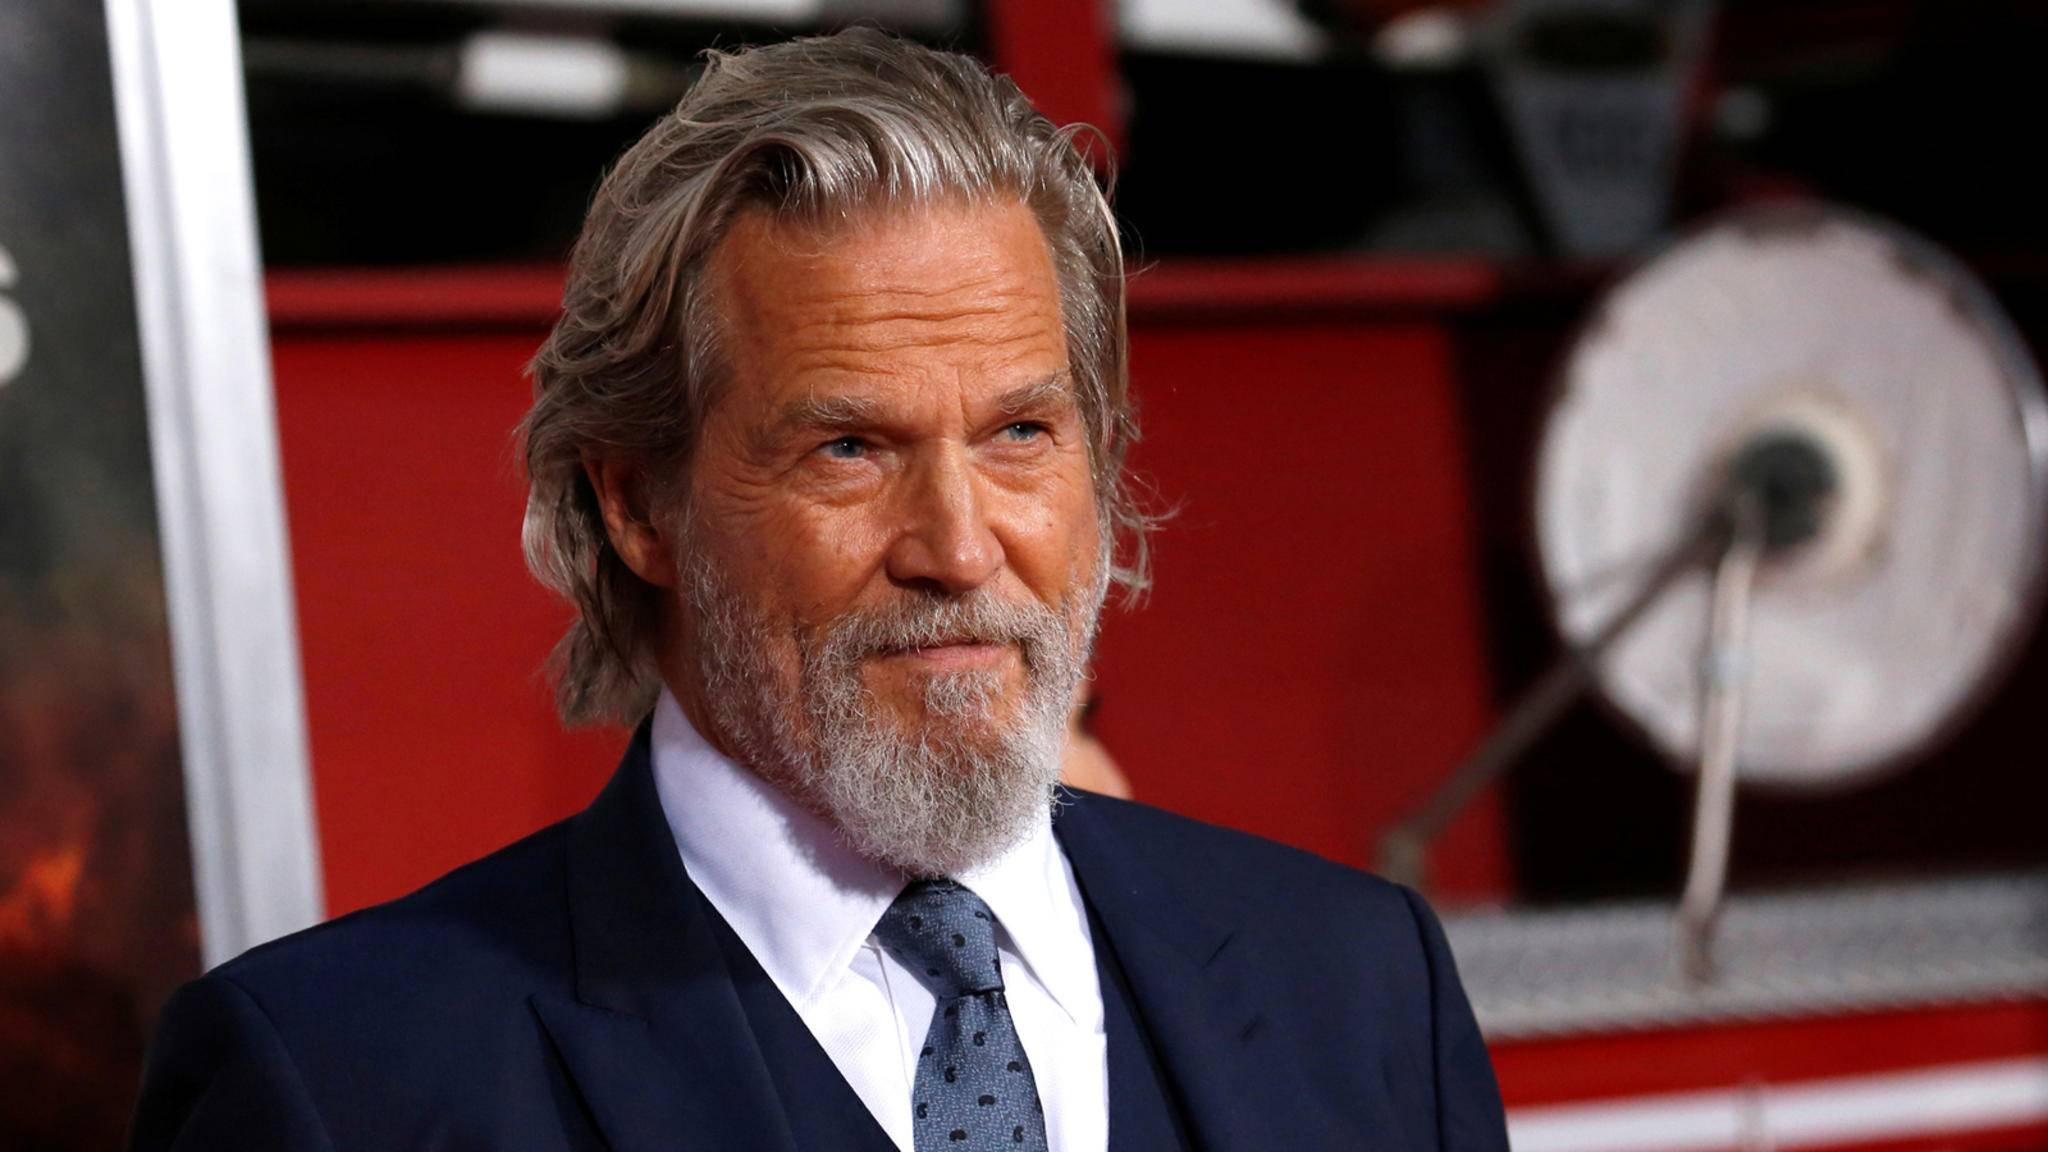 Wird bei den Golden Globes 2019 für sein Lebenswerk ausgezeichnet: Jeff Bridges.